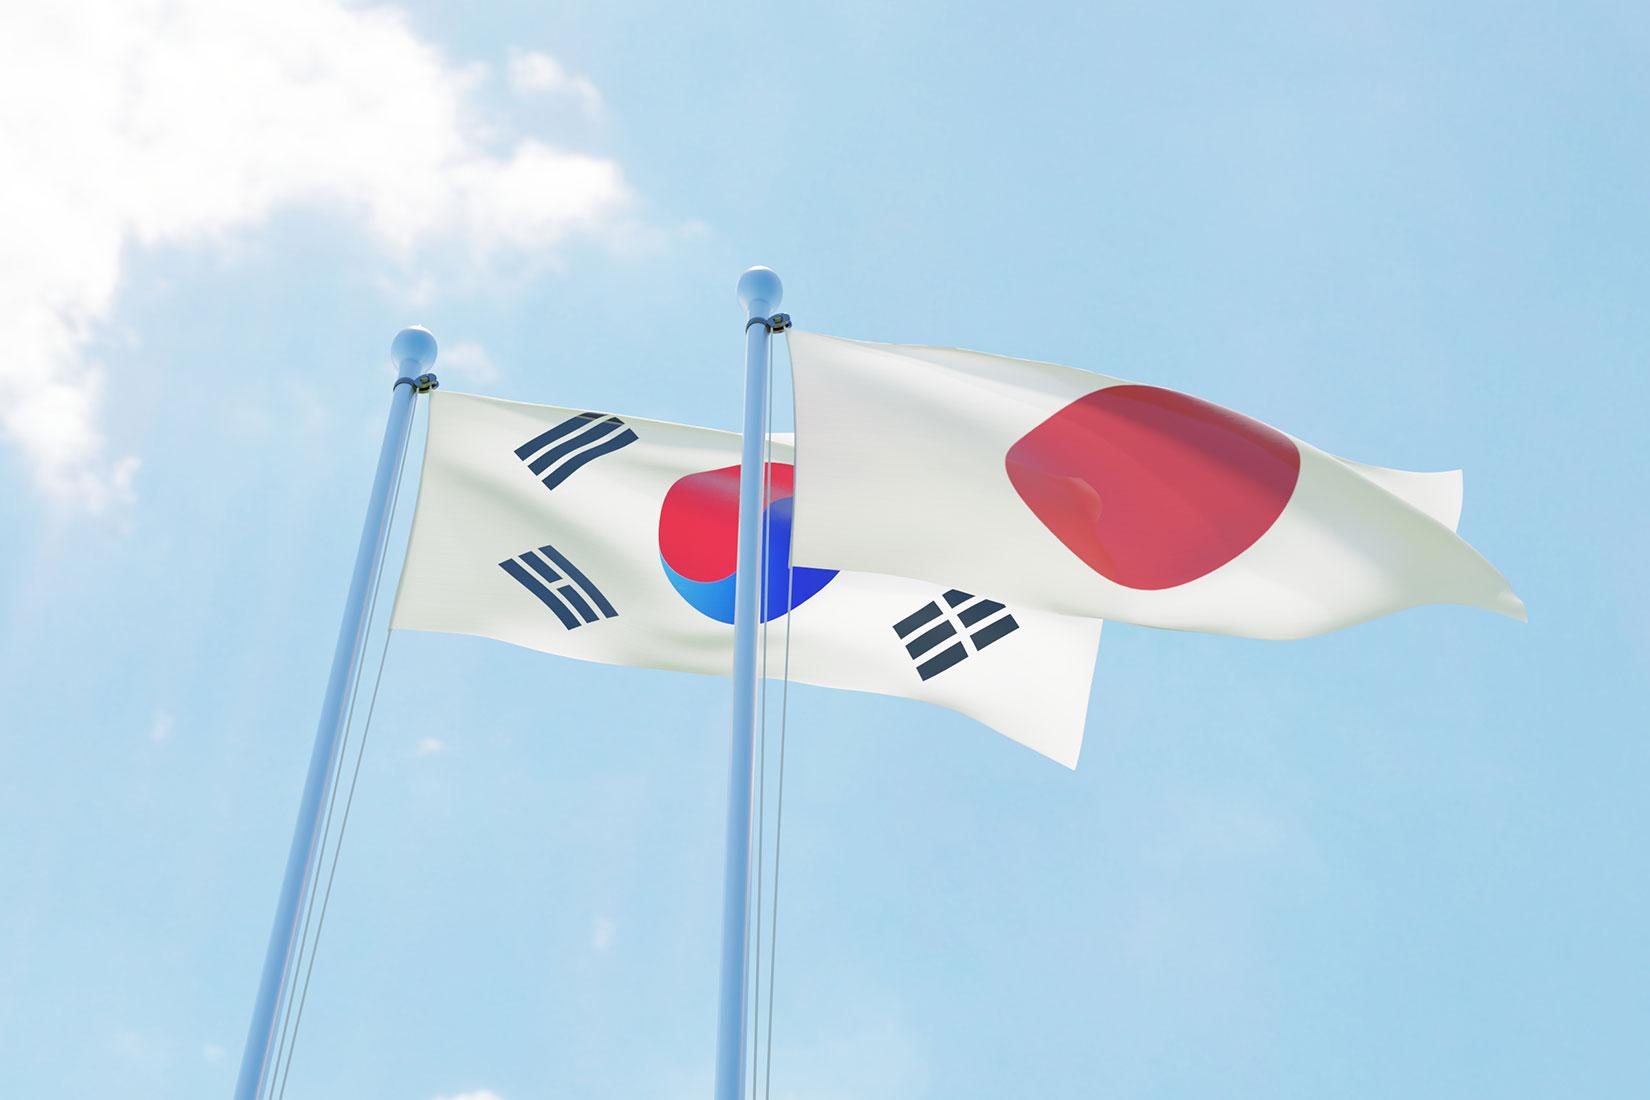 周辺国(日本と中国)を対象にした「毒針戦略」?